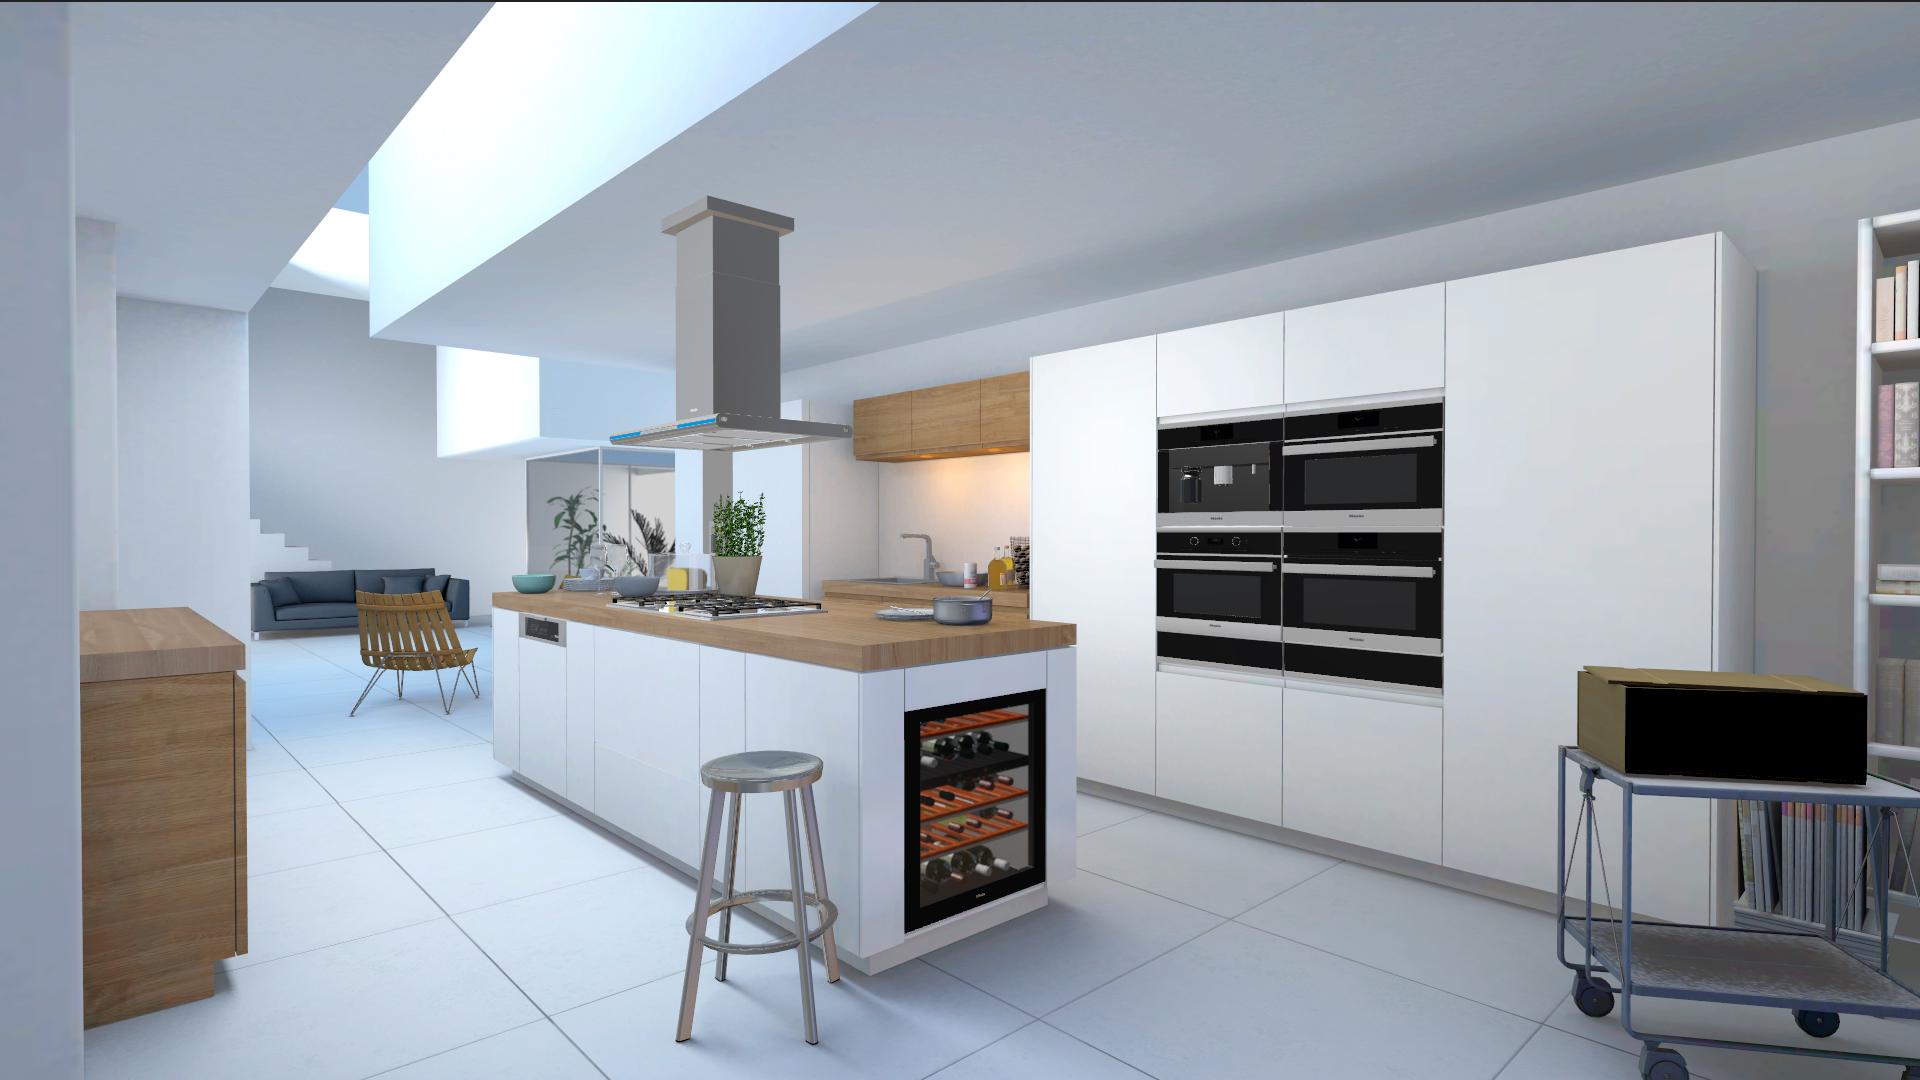 Full Size of Ikea Küche Zusammenstellen Online Vicco Küche Zusammenstellen Unterschrank Küche Zusammenstellen Outdoor Küche Zusammenstellen Küche Küche Zusammenstellen